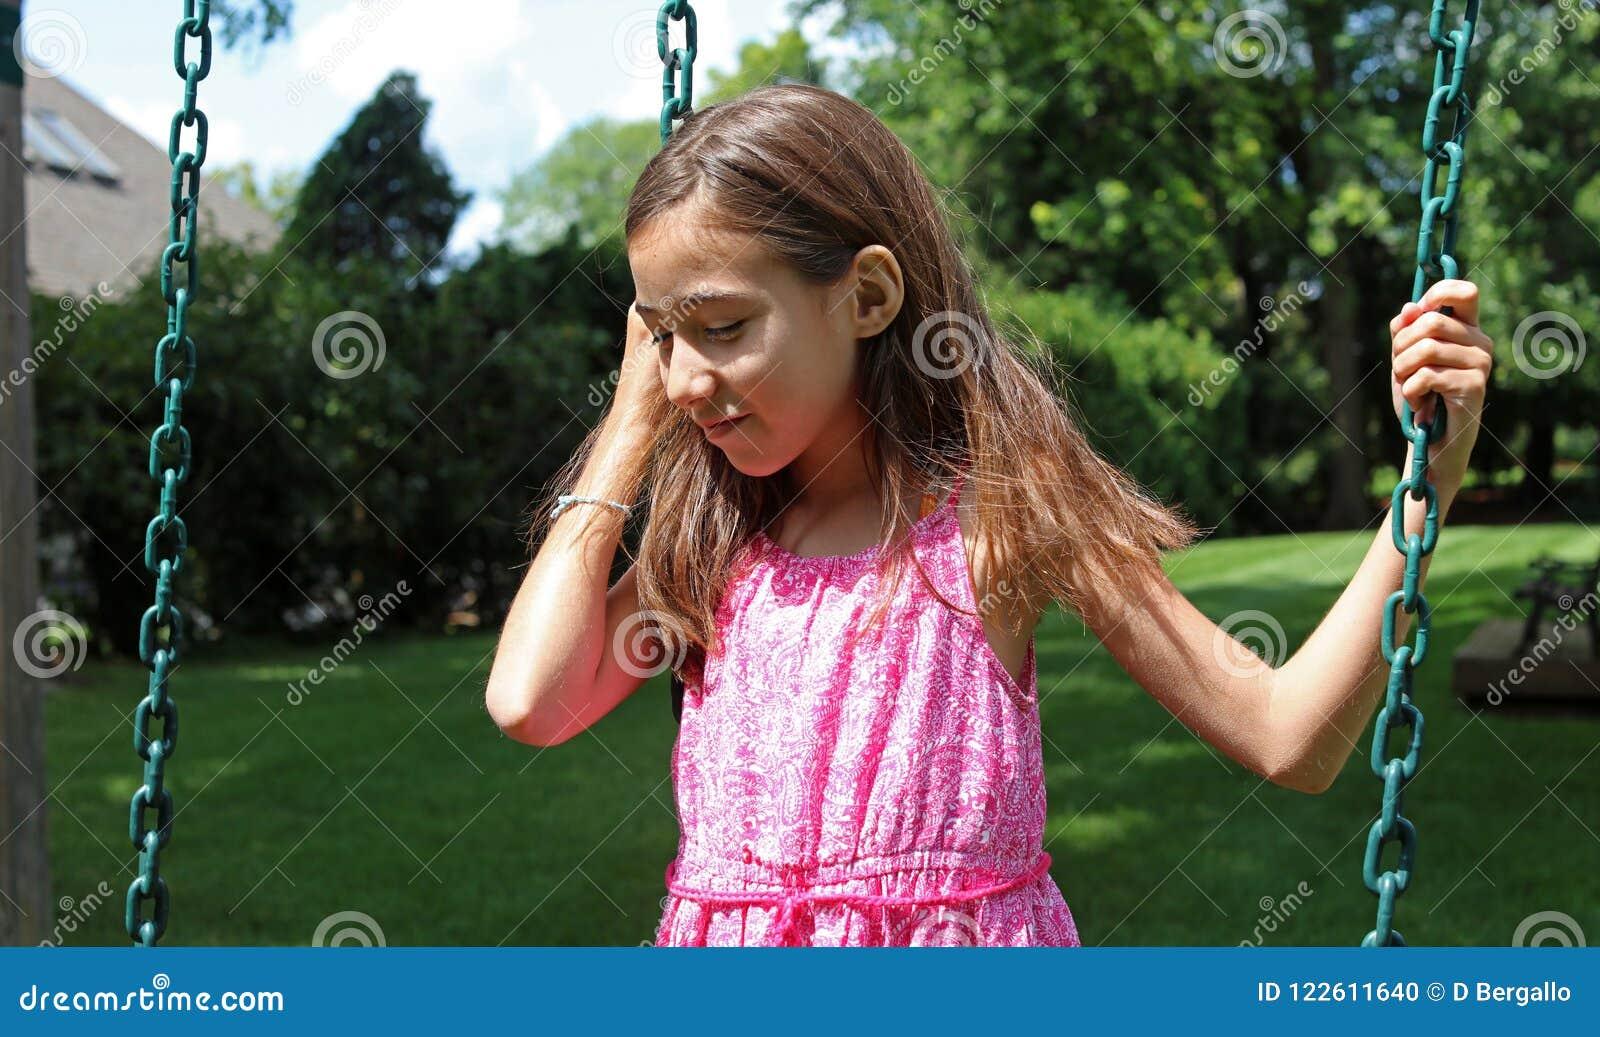 Mooi meisje bij schommeling in het park met roze kleding tijdens de zomer in Michigan